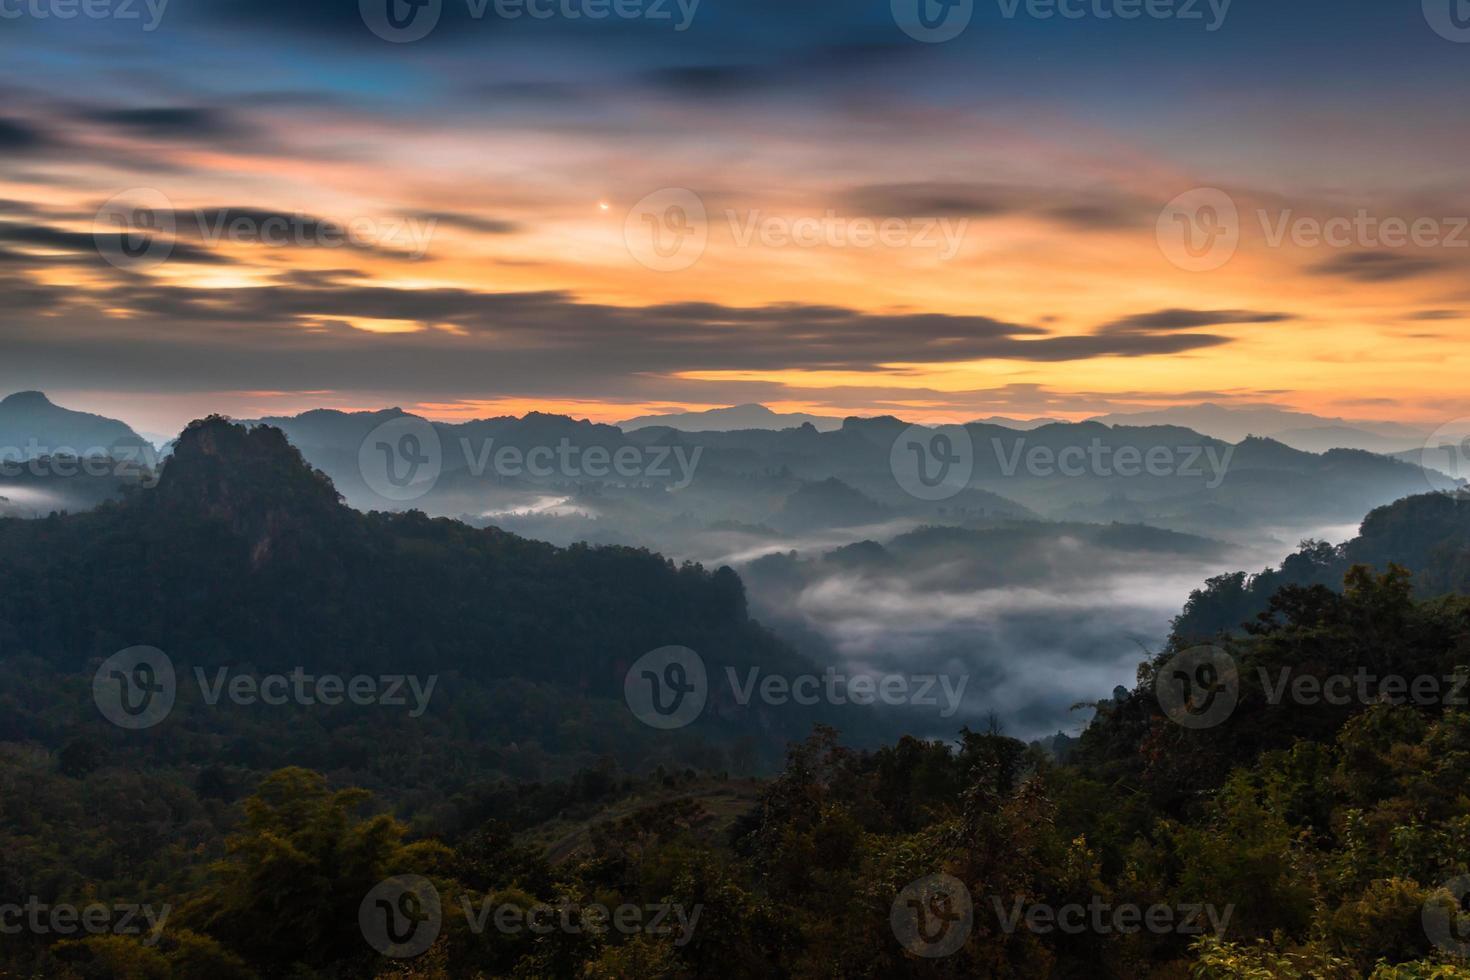 nebbia sulle montagne all'alba foto